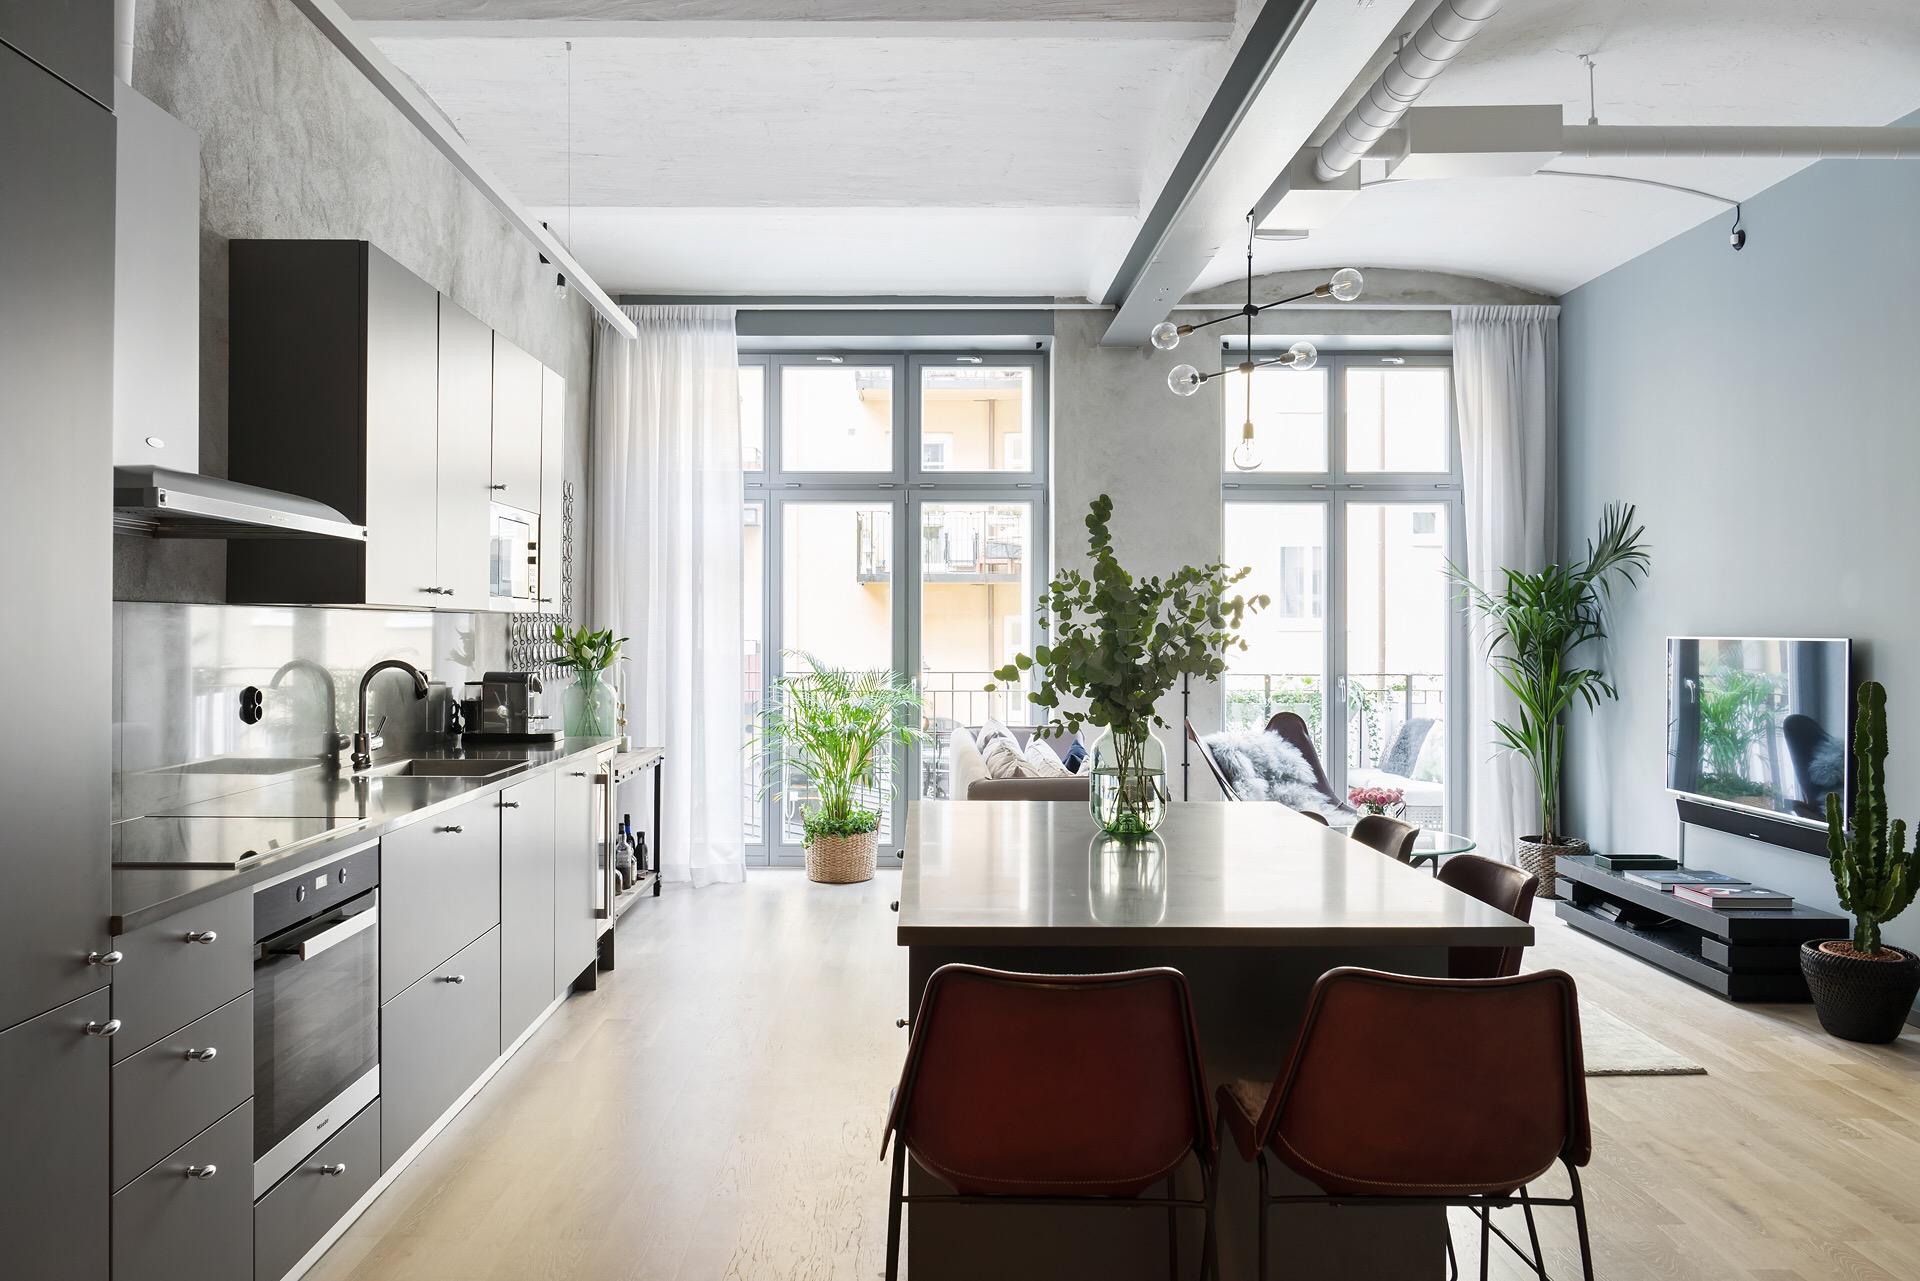 кухня гостиная французские окна двери телевизор остров барные стулья